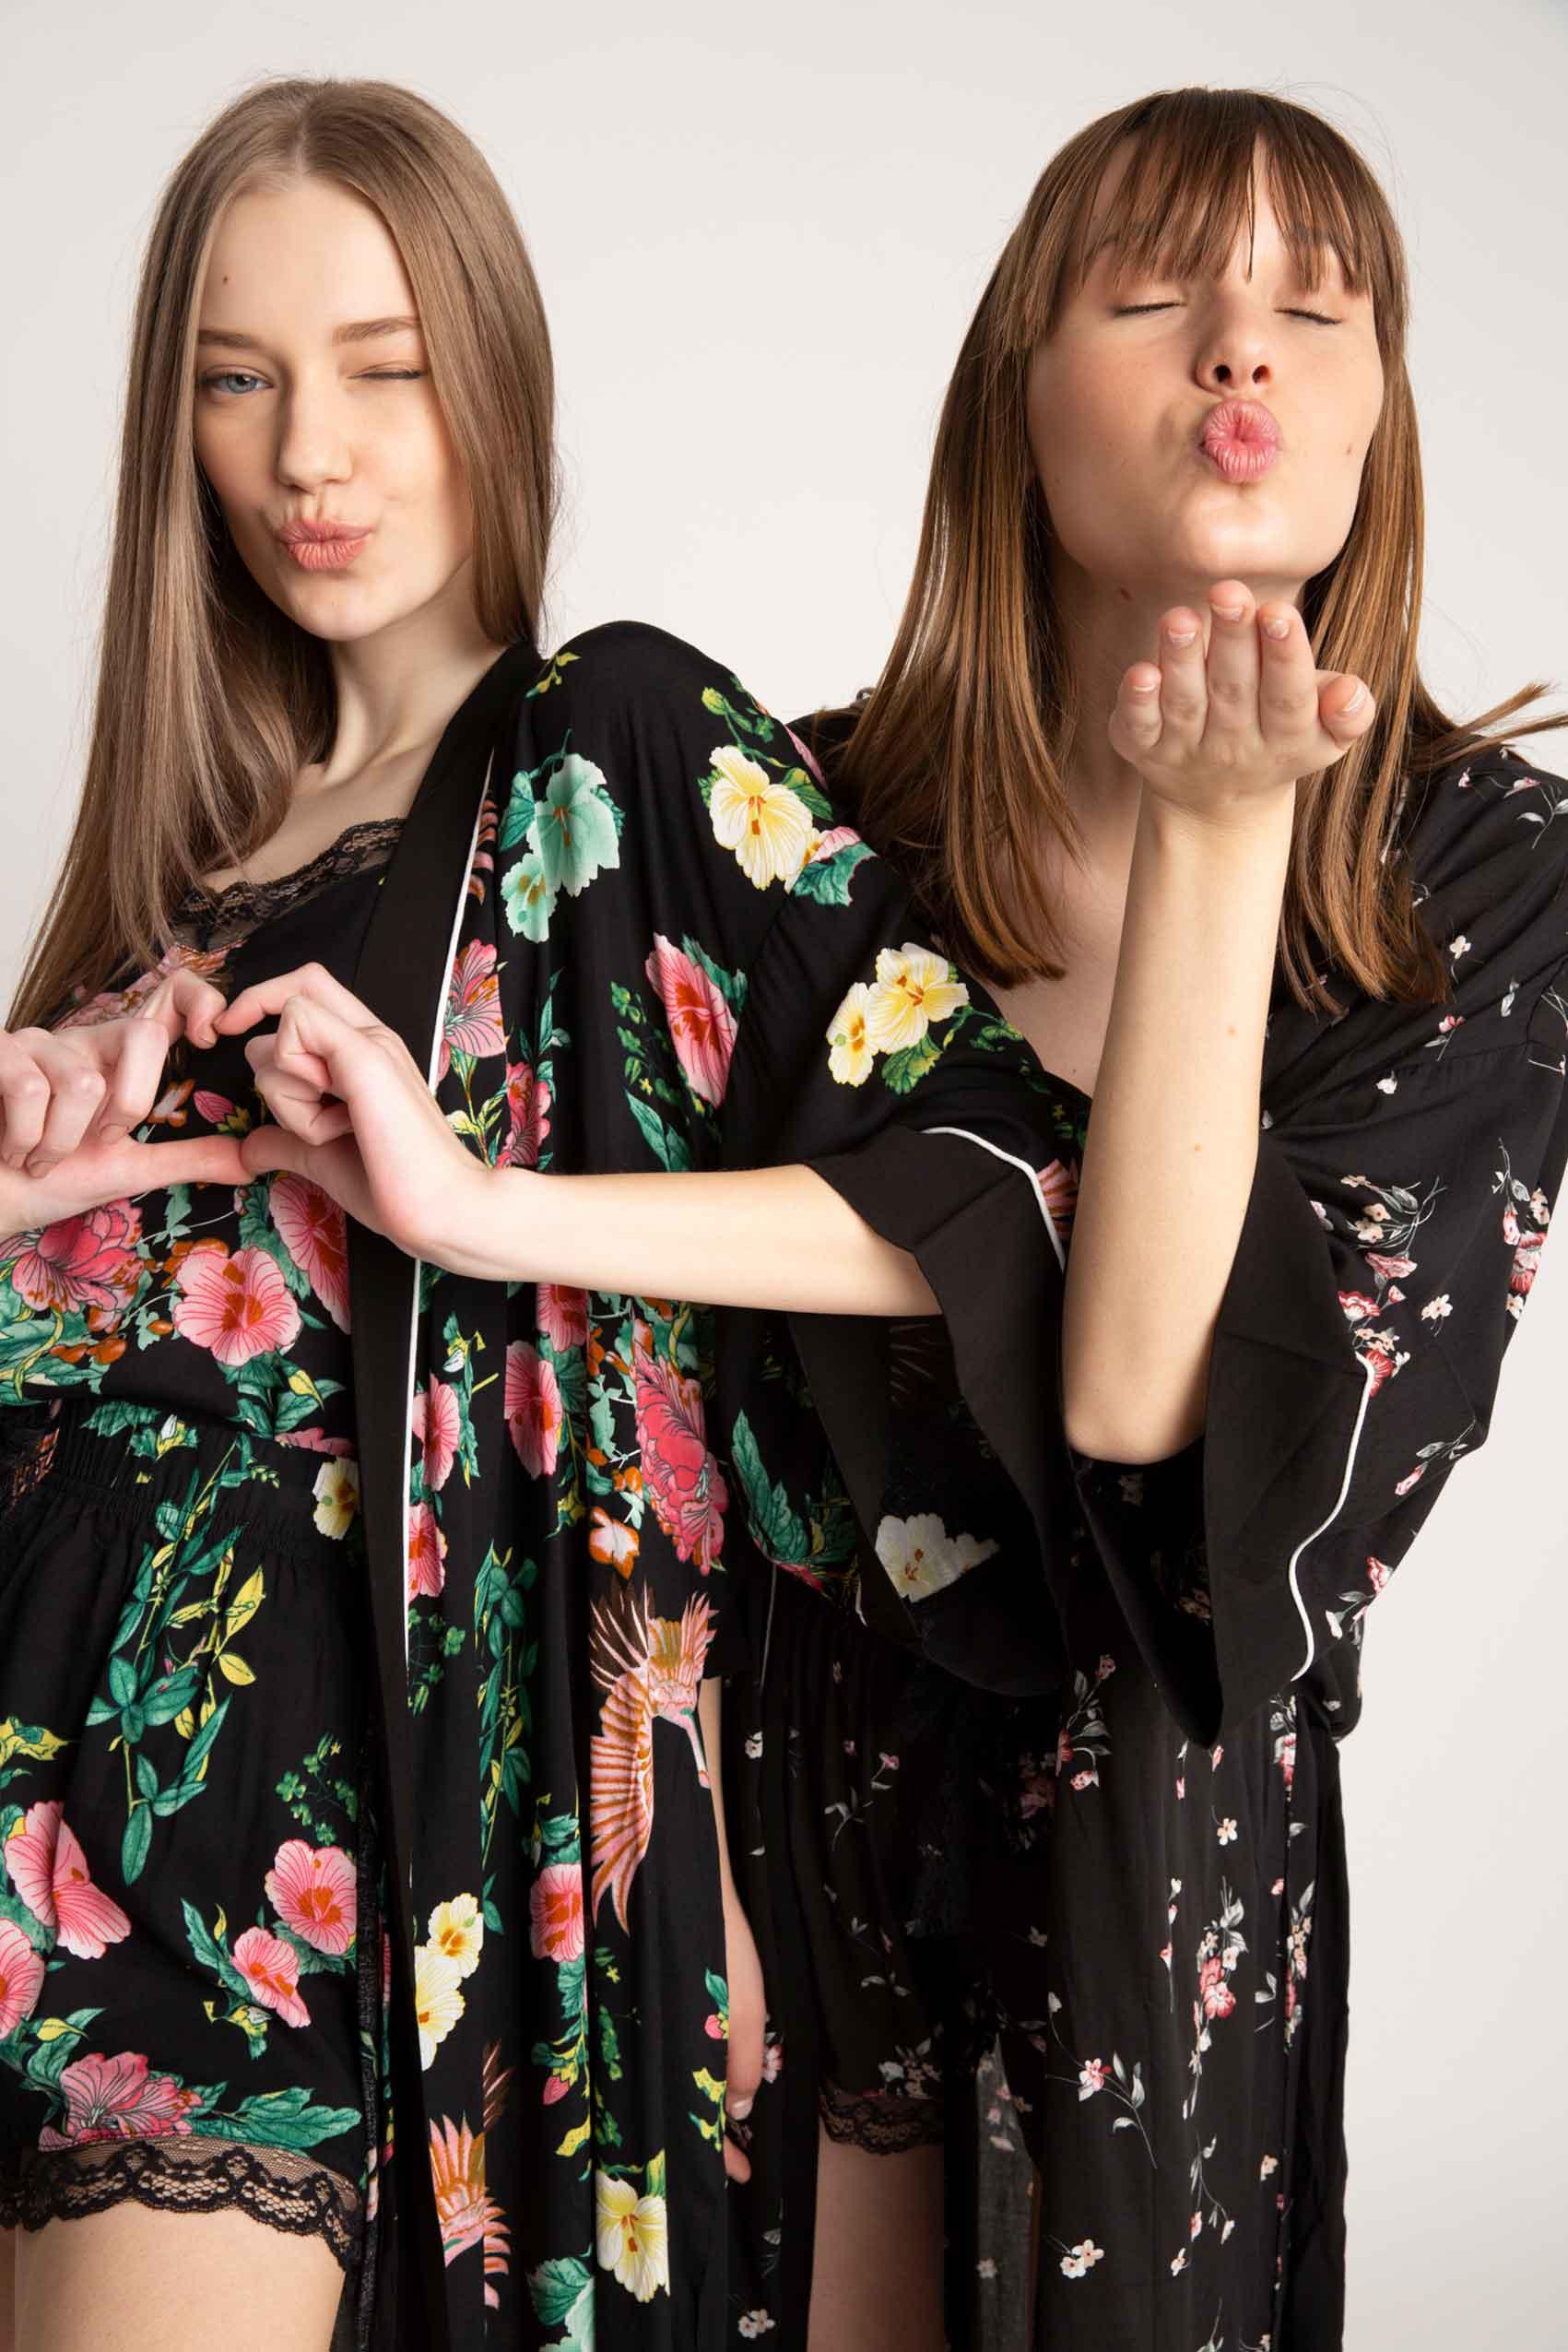 חדשות_האופנה_H&O-גופיה-29.90-שח,-מכנסון-29.90-שח,-חלוק-99.90-שח-צילום-תומר-לופשקו